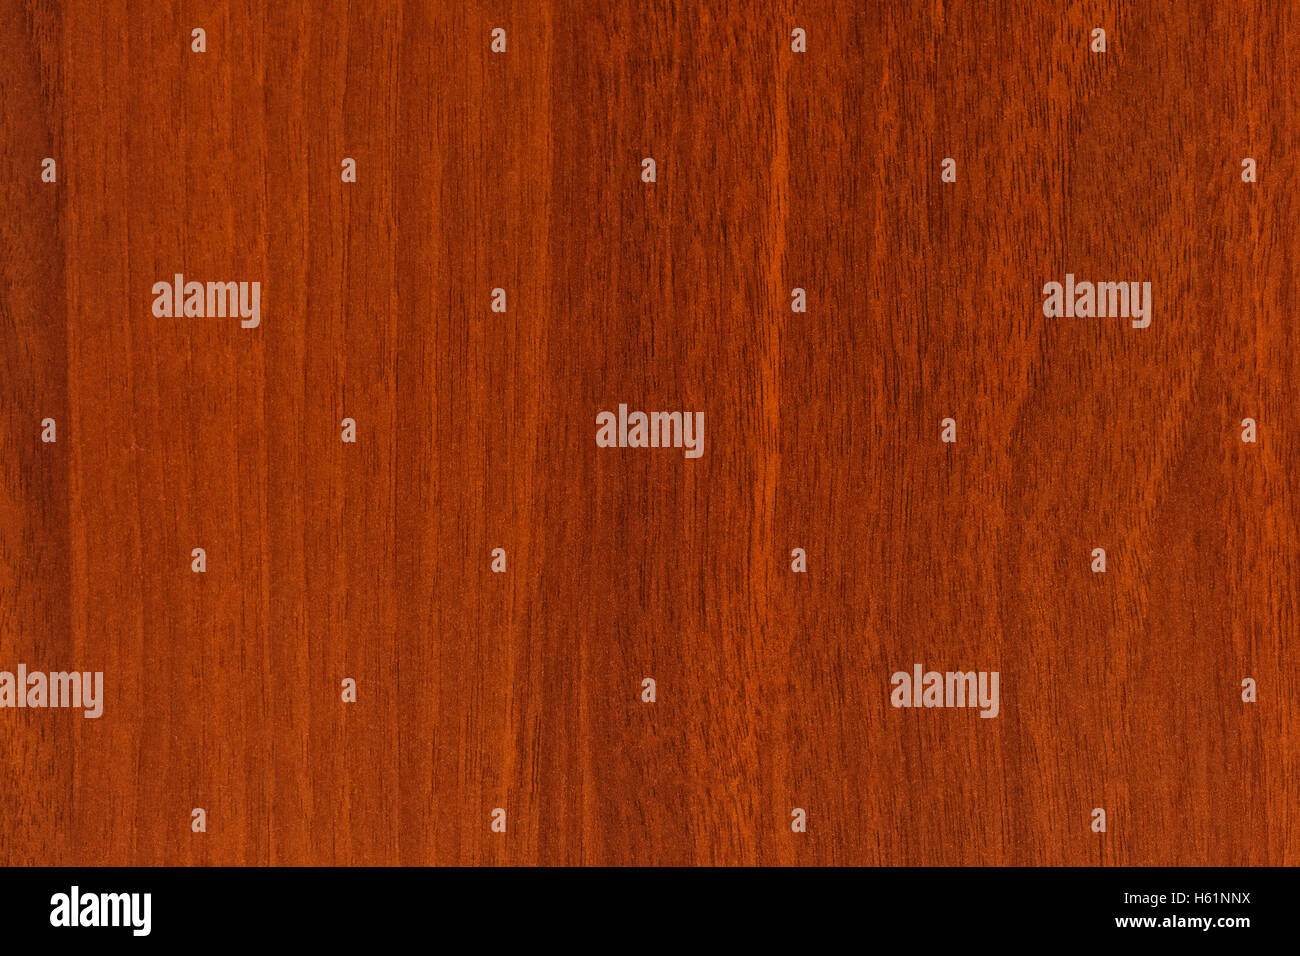 La texture du bois fond rouge marbre table bureau bois copyspace